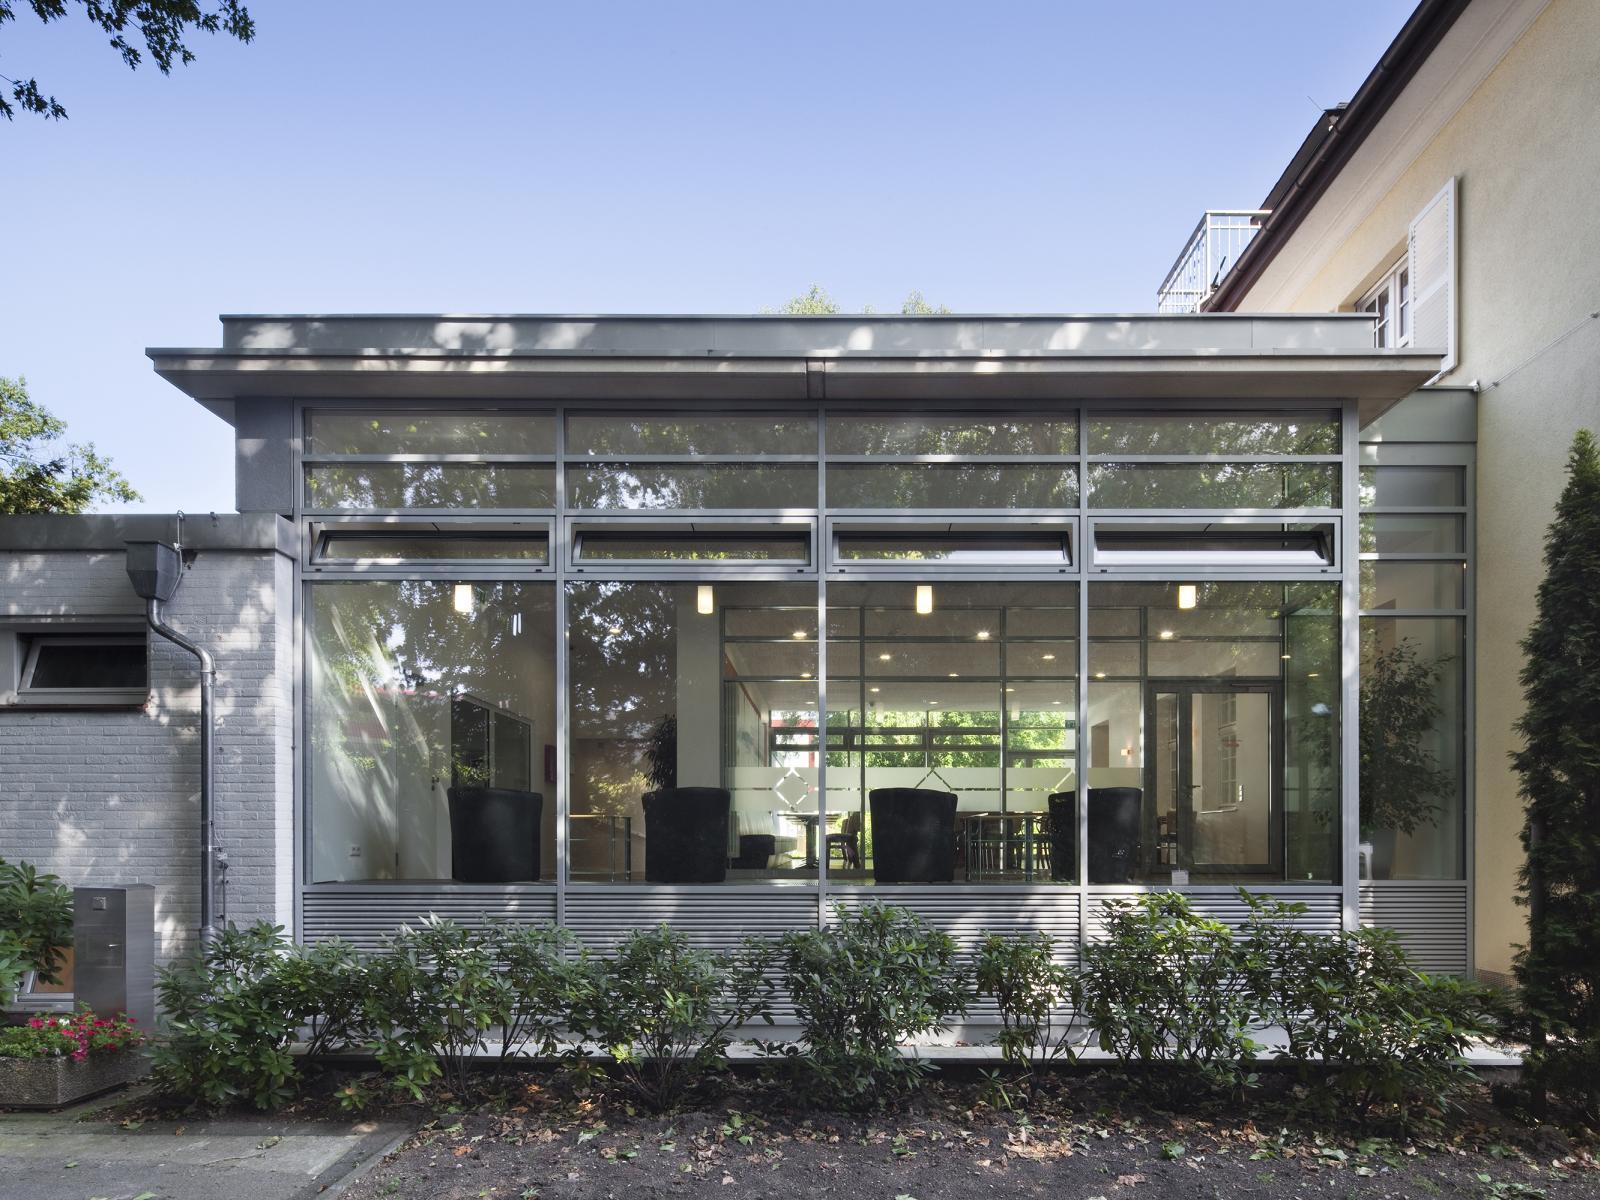 anbau haus glas haus anbau als schwimmbad mit design lupe huser mit viel glas anbau haus. Black Bedroom Furniture Sets. Home Design Ideas